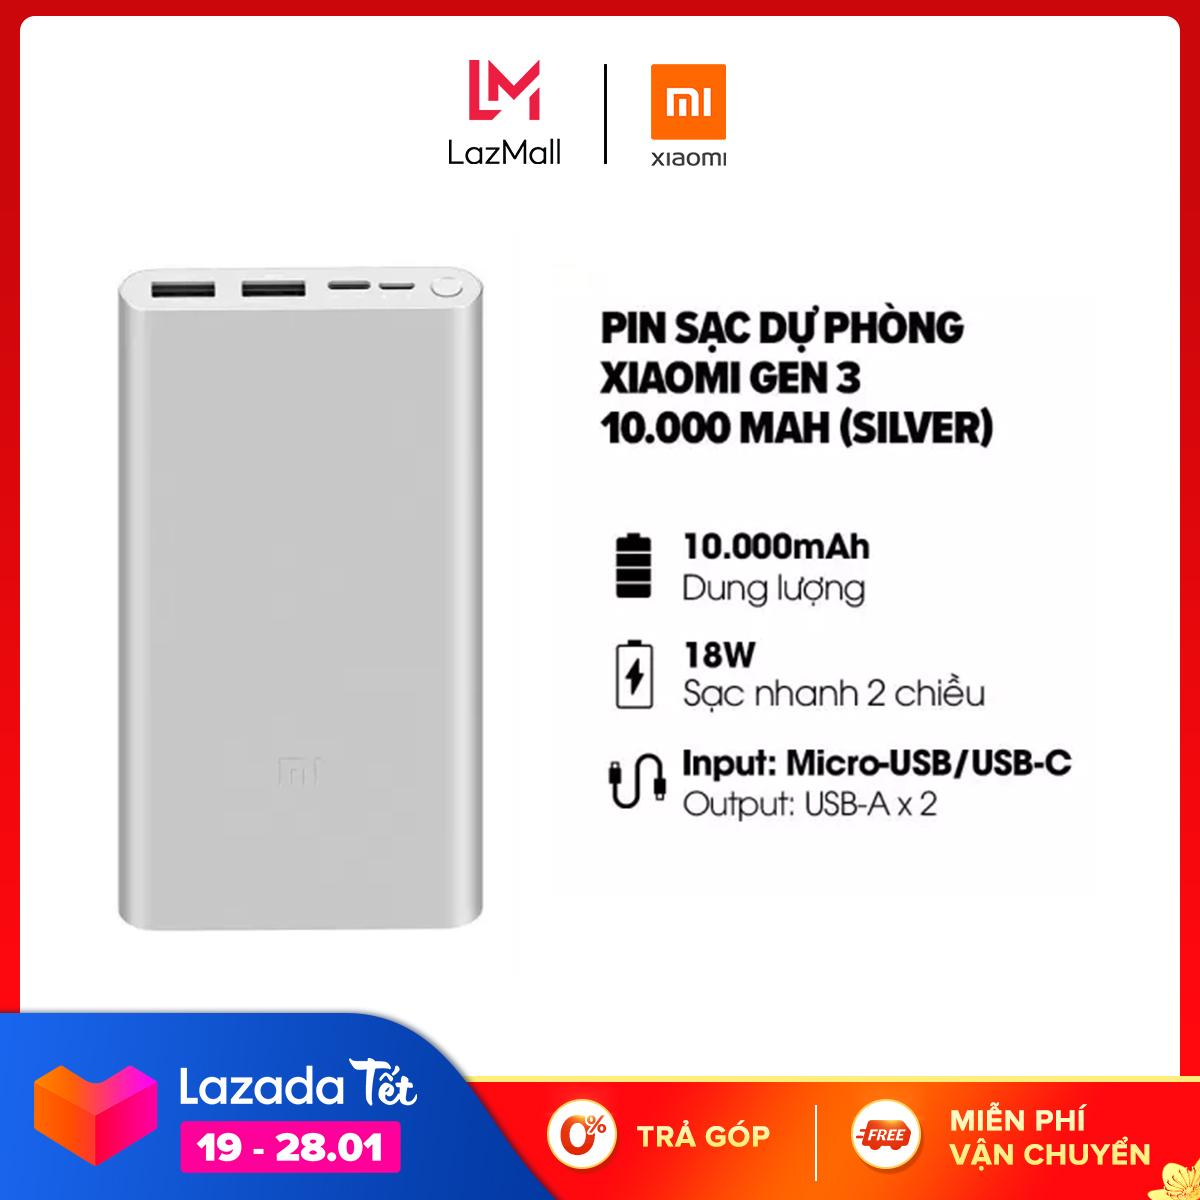 Sạc dự phòng Xiaomi Gen 3 10.000mAh l Sạc nhanh 2 chiều cổng Type-C 18W l Input: Micro-USB / USB-C. Output: USB-A x 2 l HÀNG CHÍNH HÃNG